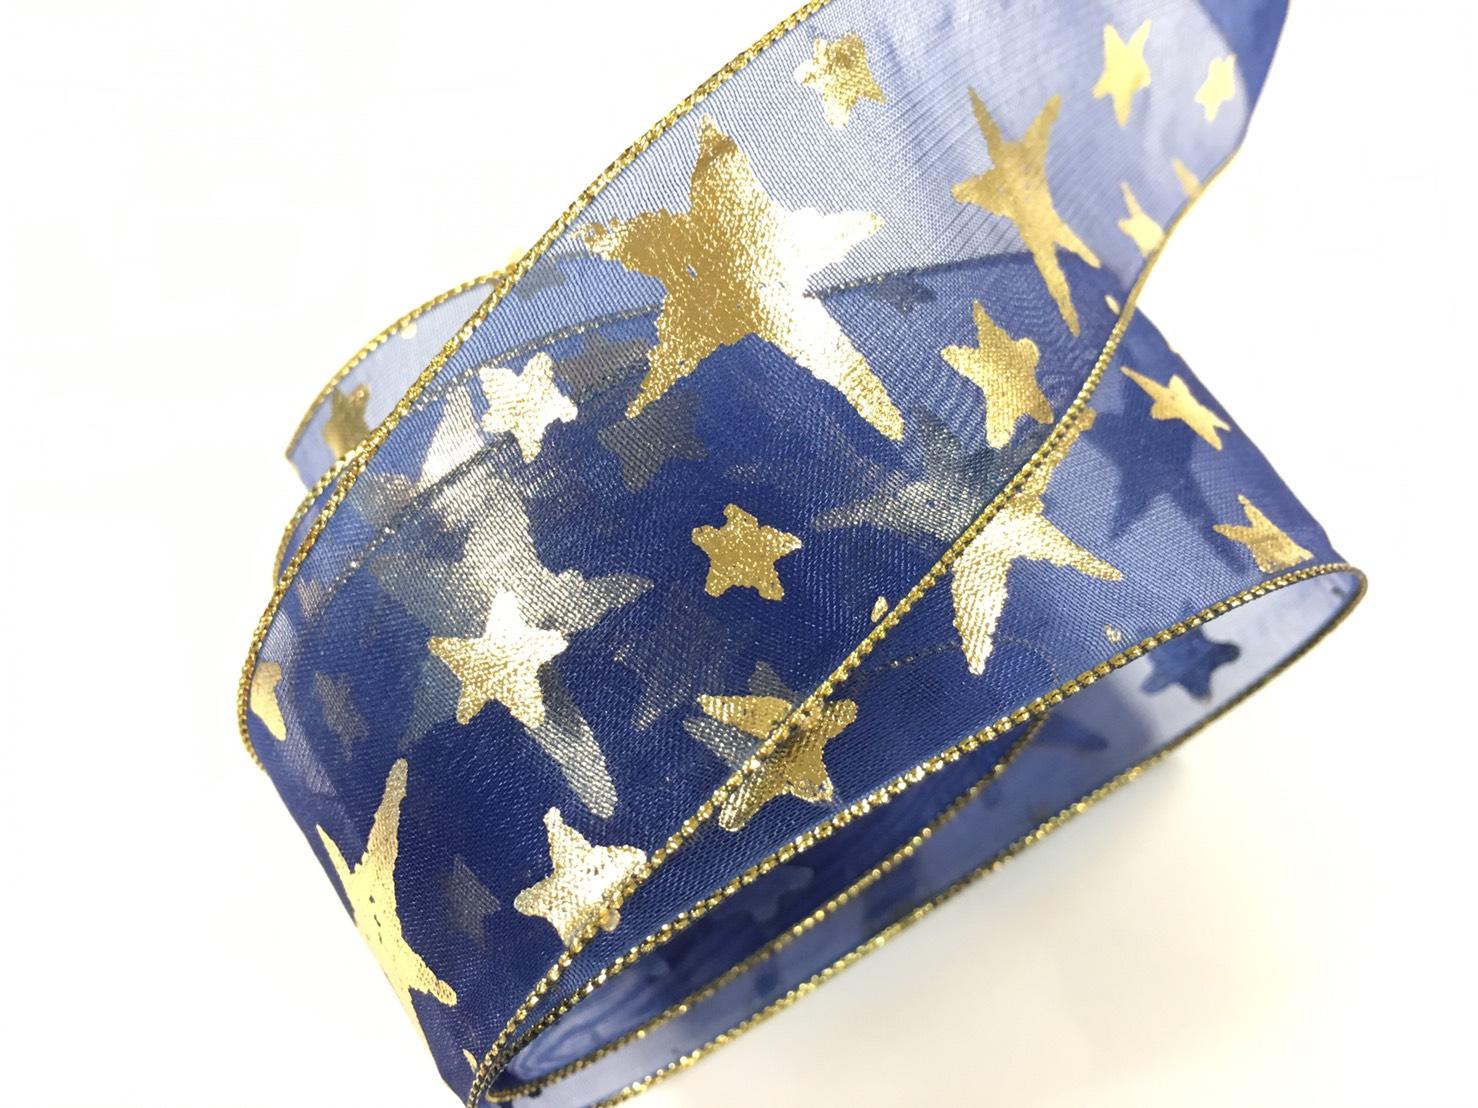 網紗緞帶-聖誕彩色星星 38mm 3碼裝 (5色)